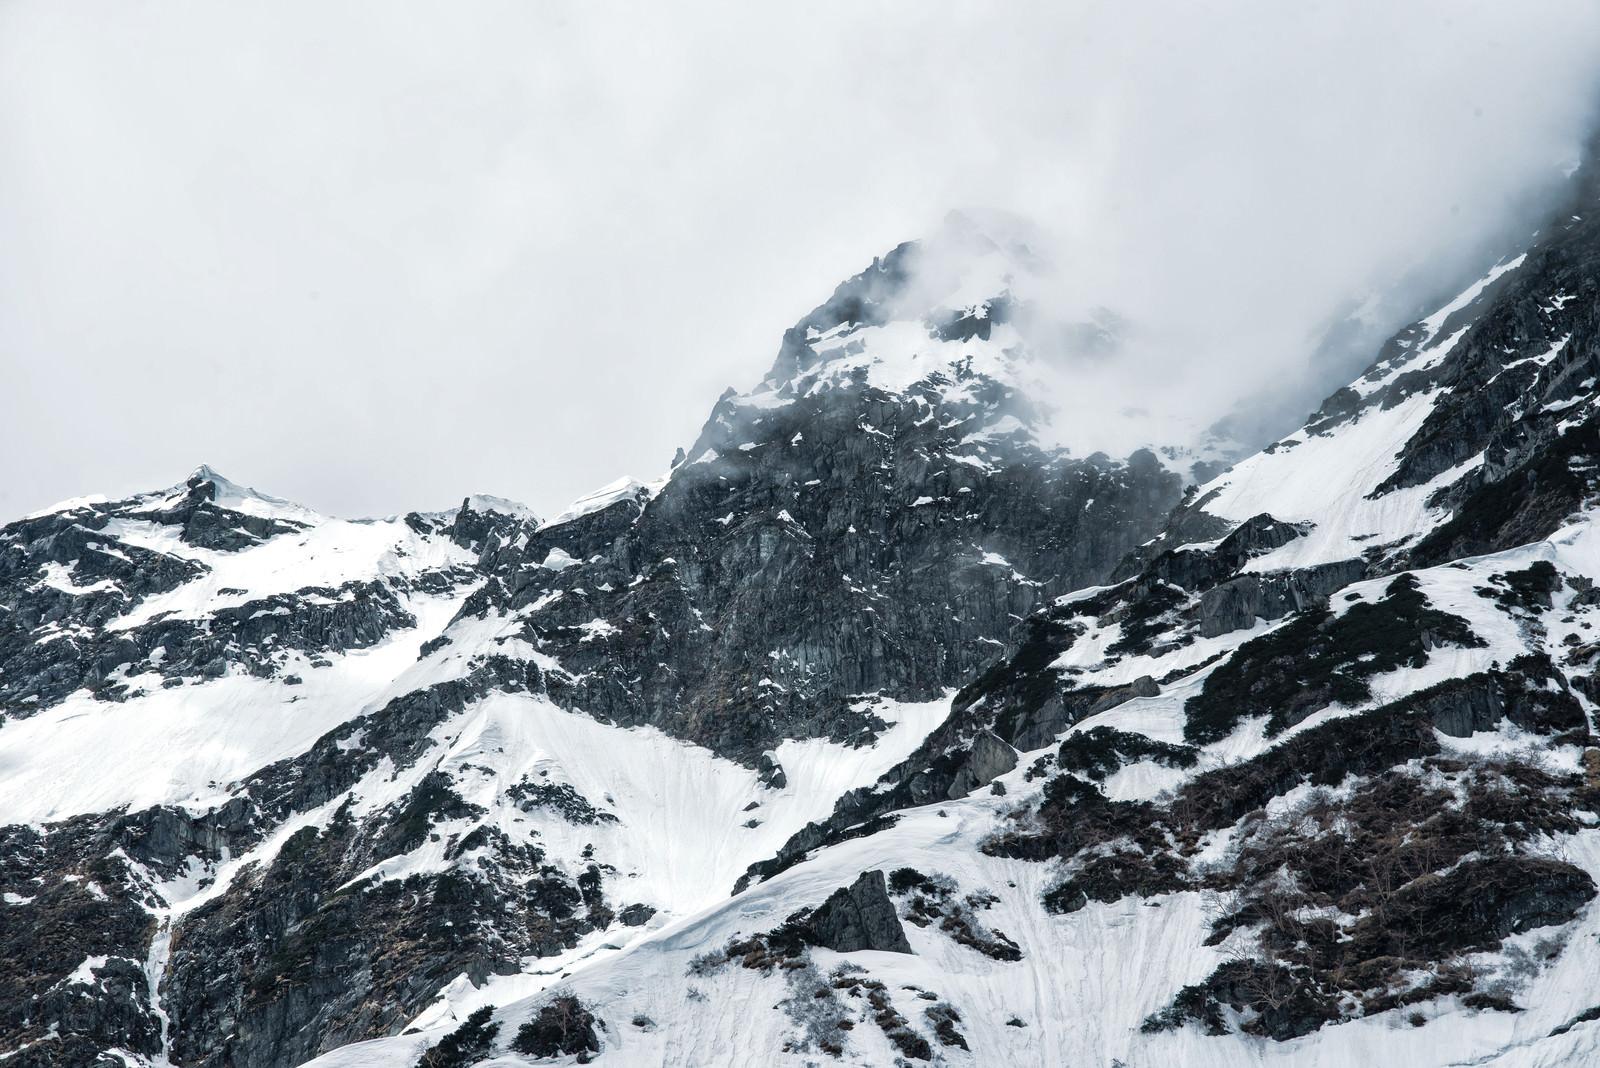 「奥穂高岳の山頂と絶壁(北アルプス)」の写真